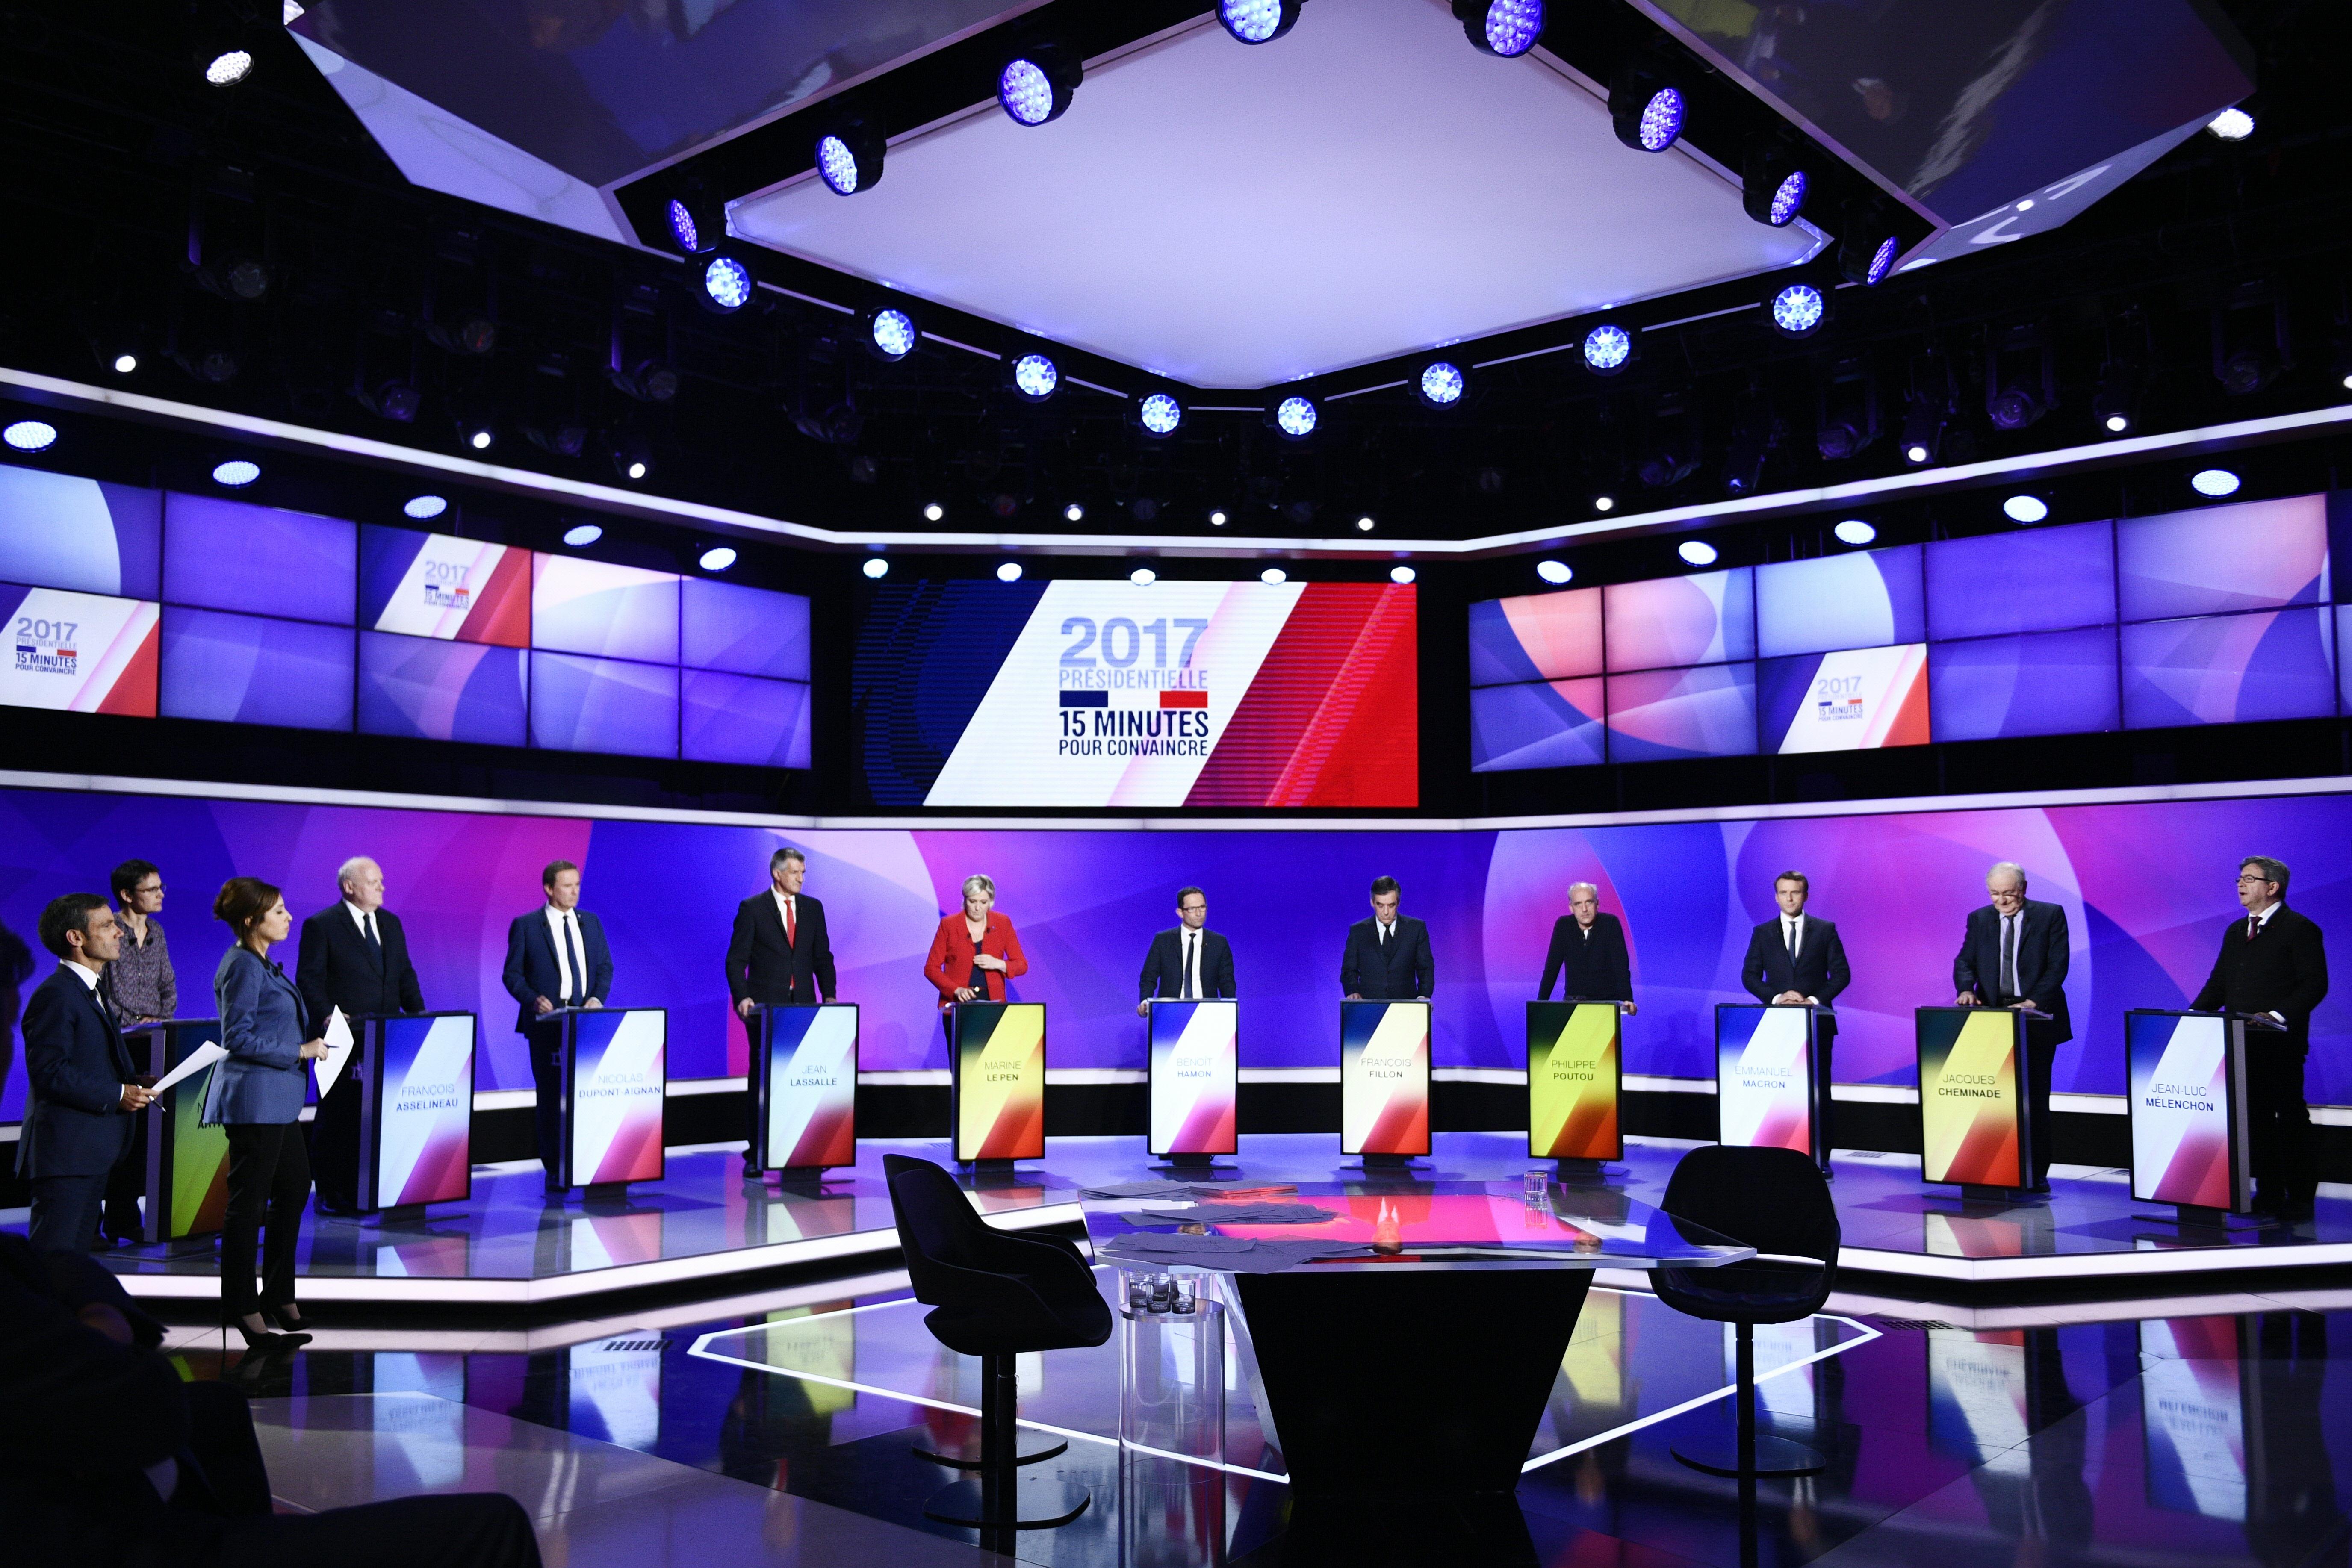 المرشحون الـ11 لانتخابات الرئاسة الفرنسية